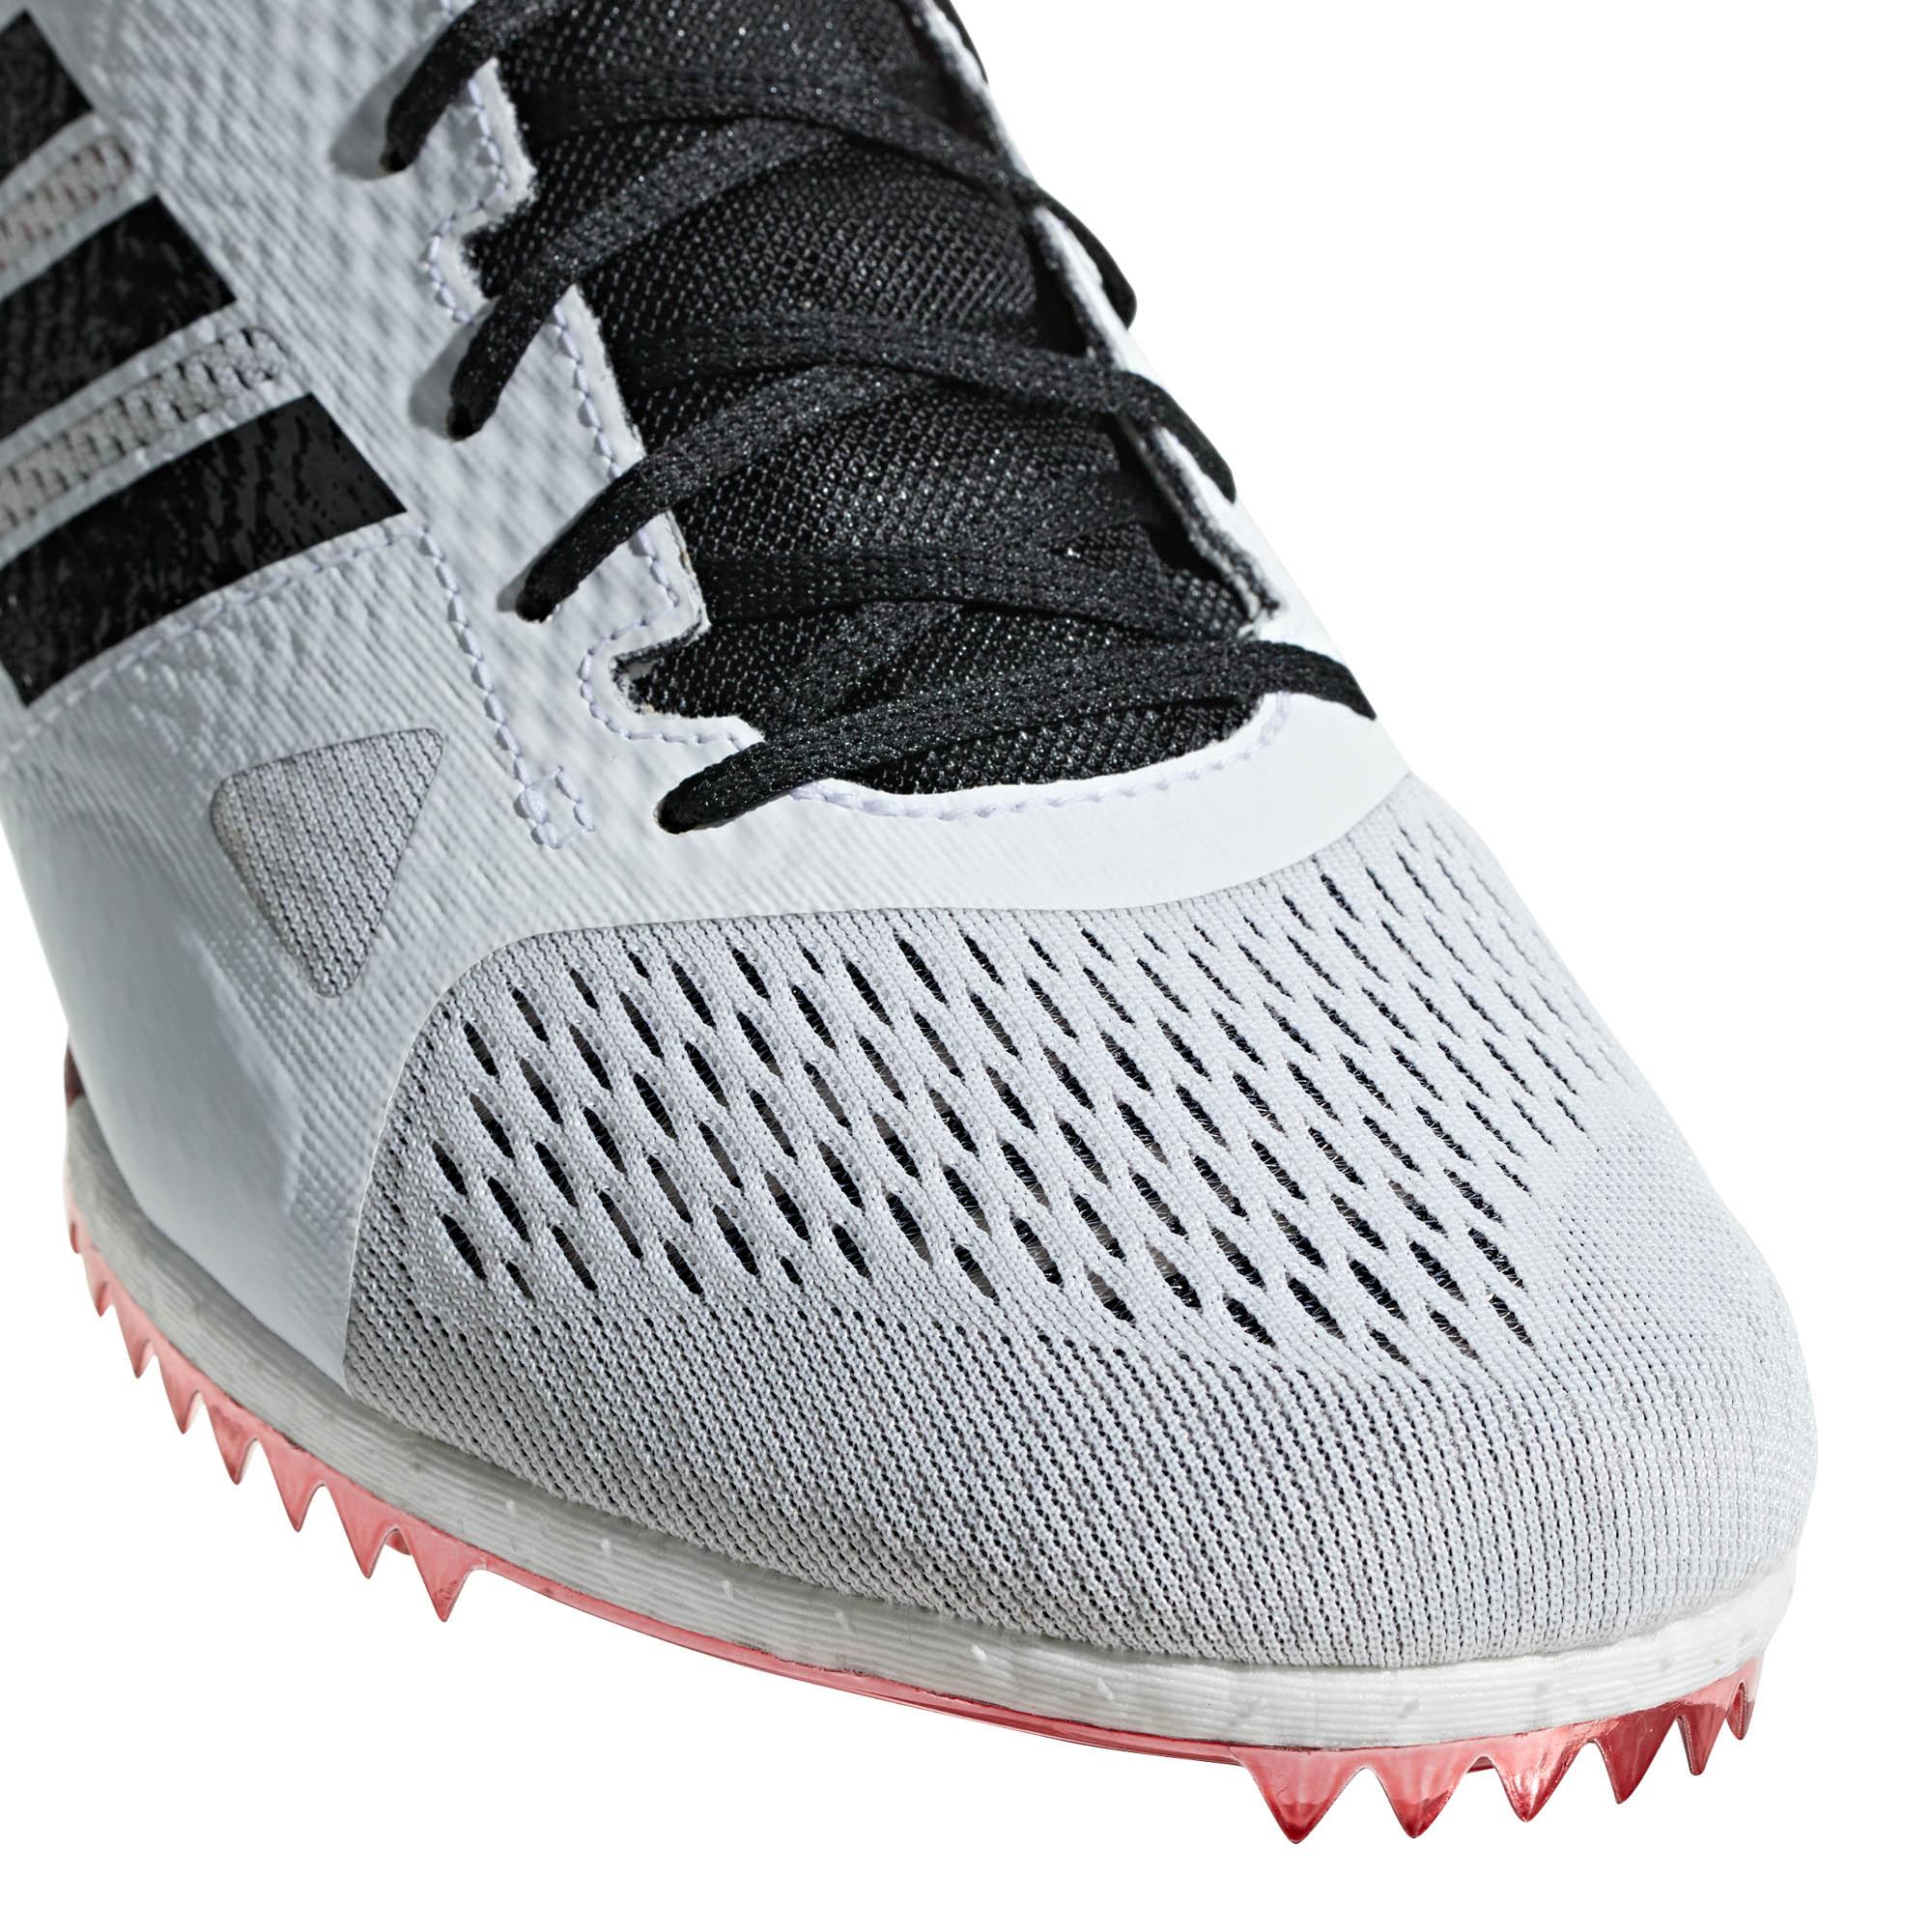 Détails sur Adidas Adizero Md Piste & Champ Course Pointe Chaussure Blanc UK 6